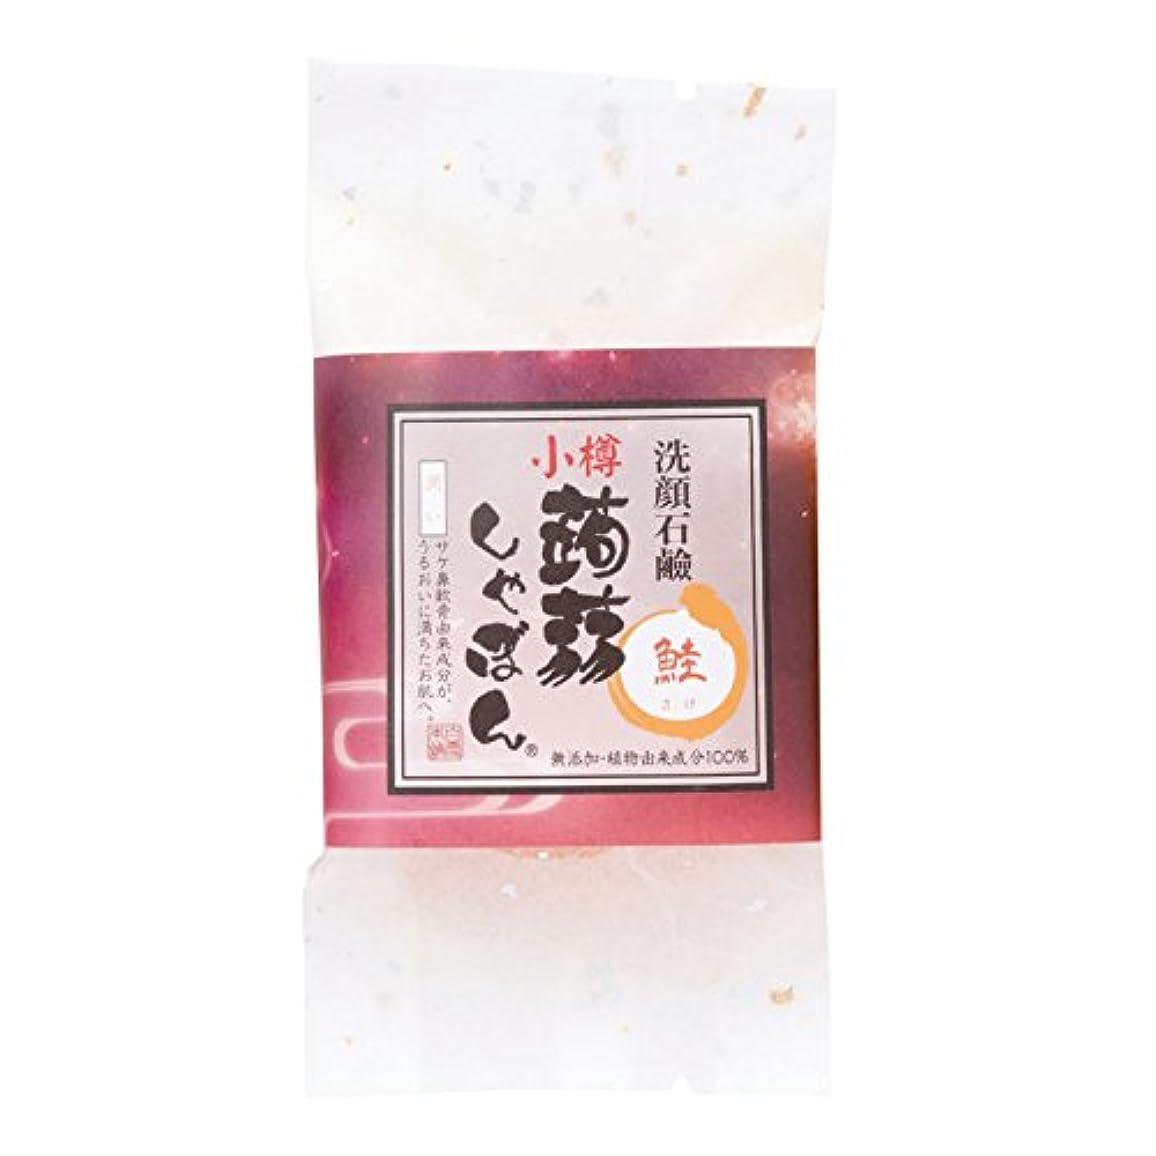 横ピン飽和する小樽蒟蒻しゃぼん小樽 鮭(さけ)